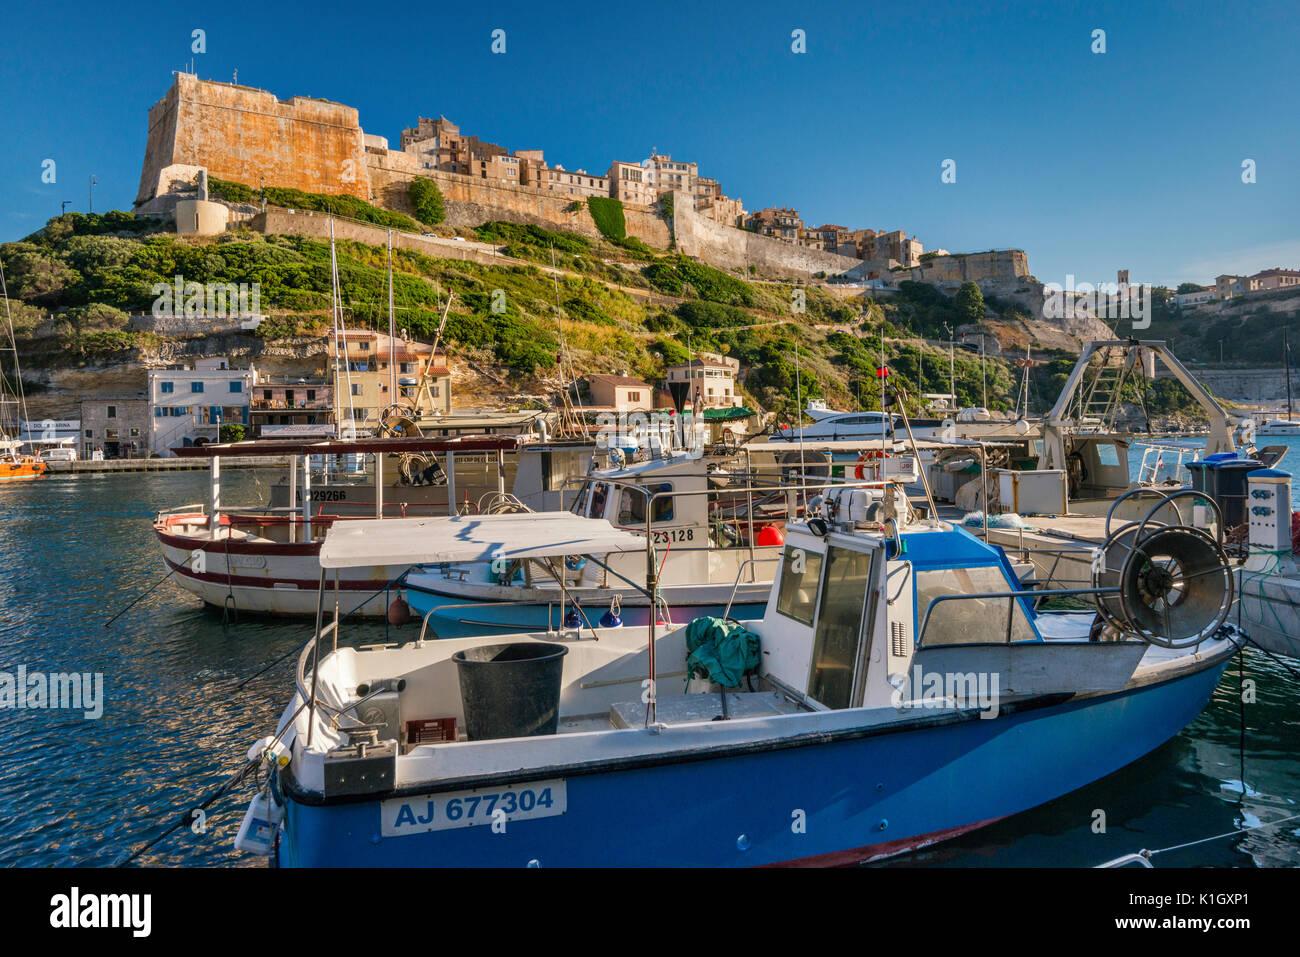 Citadelle, barche a marina di Porto, al tramonto a Bonifacio, Corse-du-Sud, Corsica, Francia Immagini Stock